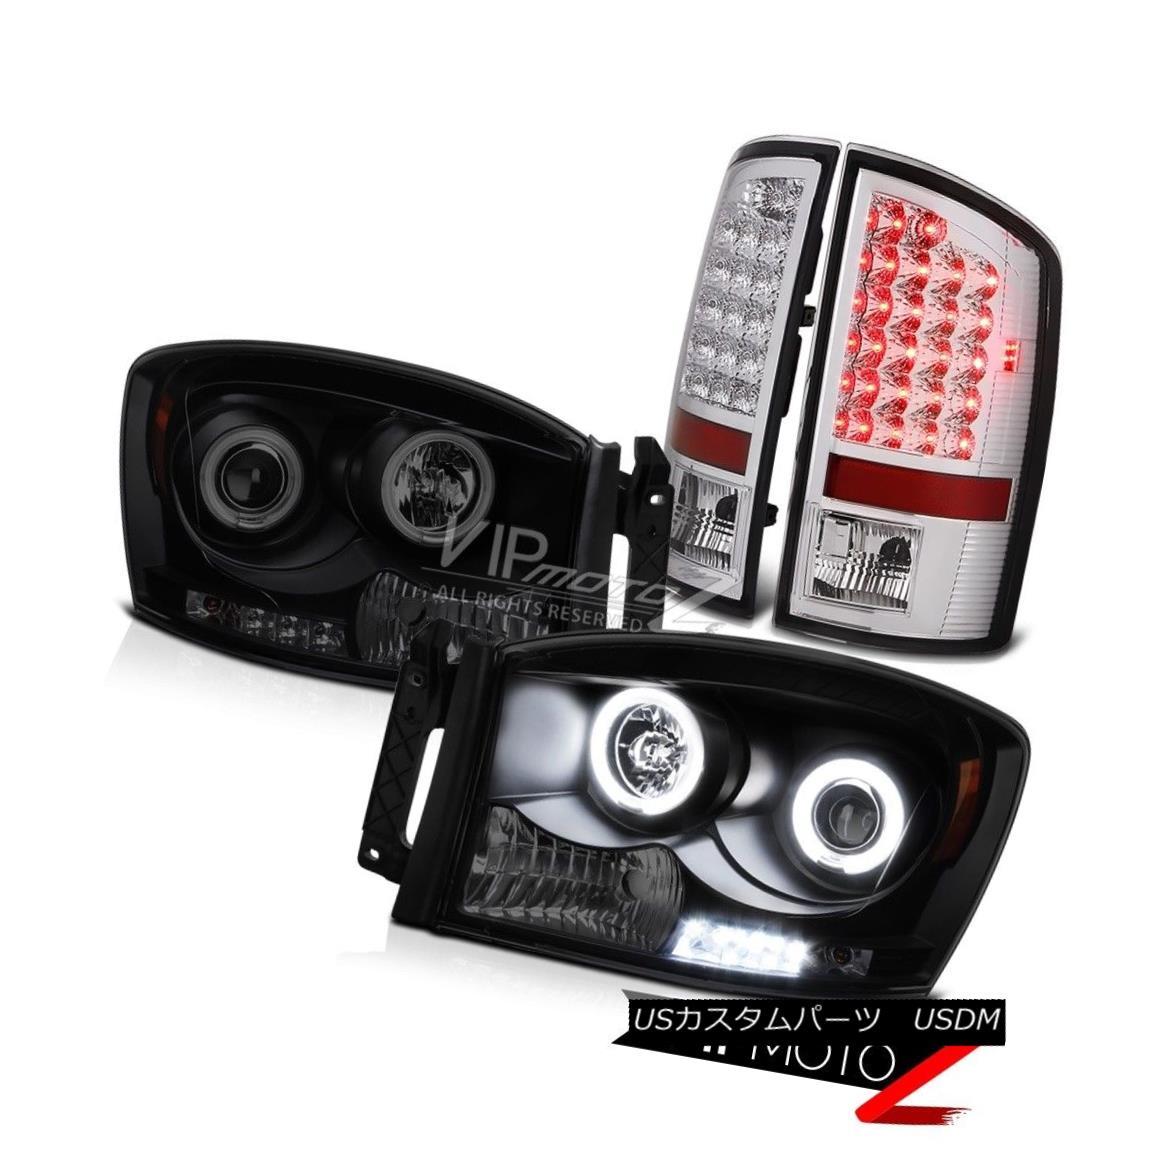 ヘッドライト Projector Headlight Sinister Black CCFL Halo Chrome Tail Lamps Ram V8 SLT 07 08 プロジェクターヘッドライトSinister Black CCFL Halo ChromeテールランプRam V8 SLT 07 08